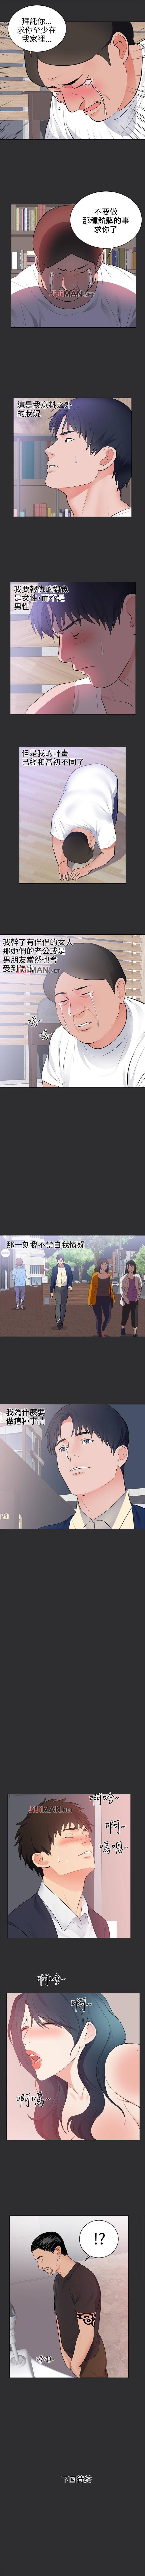 【已完结】性癖好(作者:主寧 & 洗髮精) 第1~30话 125